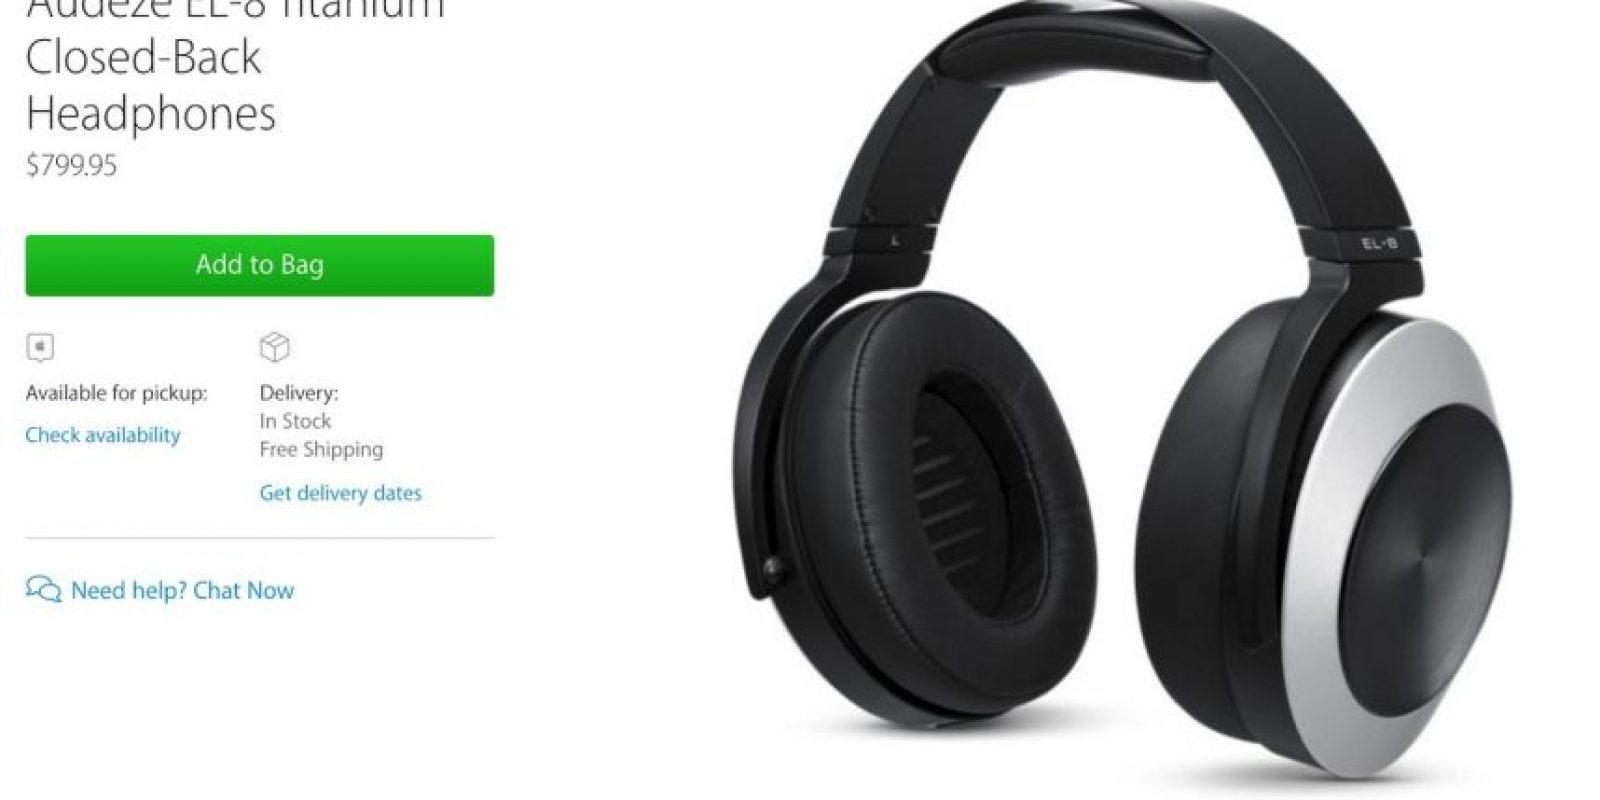 Audeze EL-8 Titanium Closed-Back Headphones cuestan casi 800 dólares. Foto:Apple